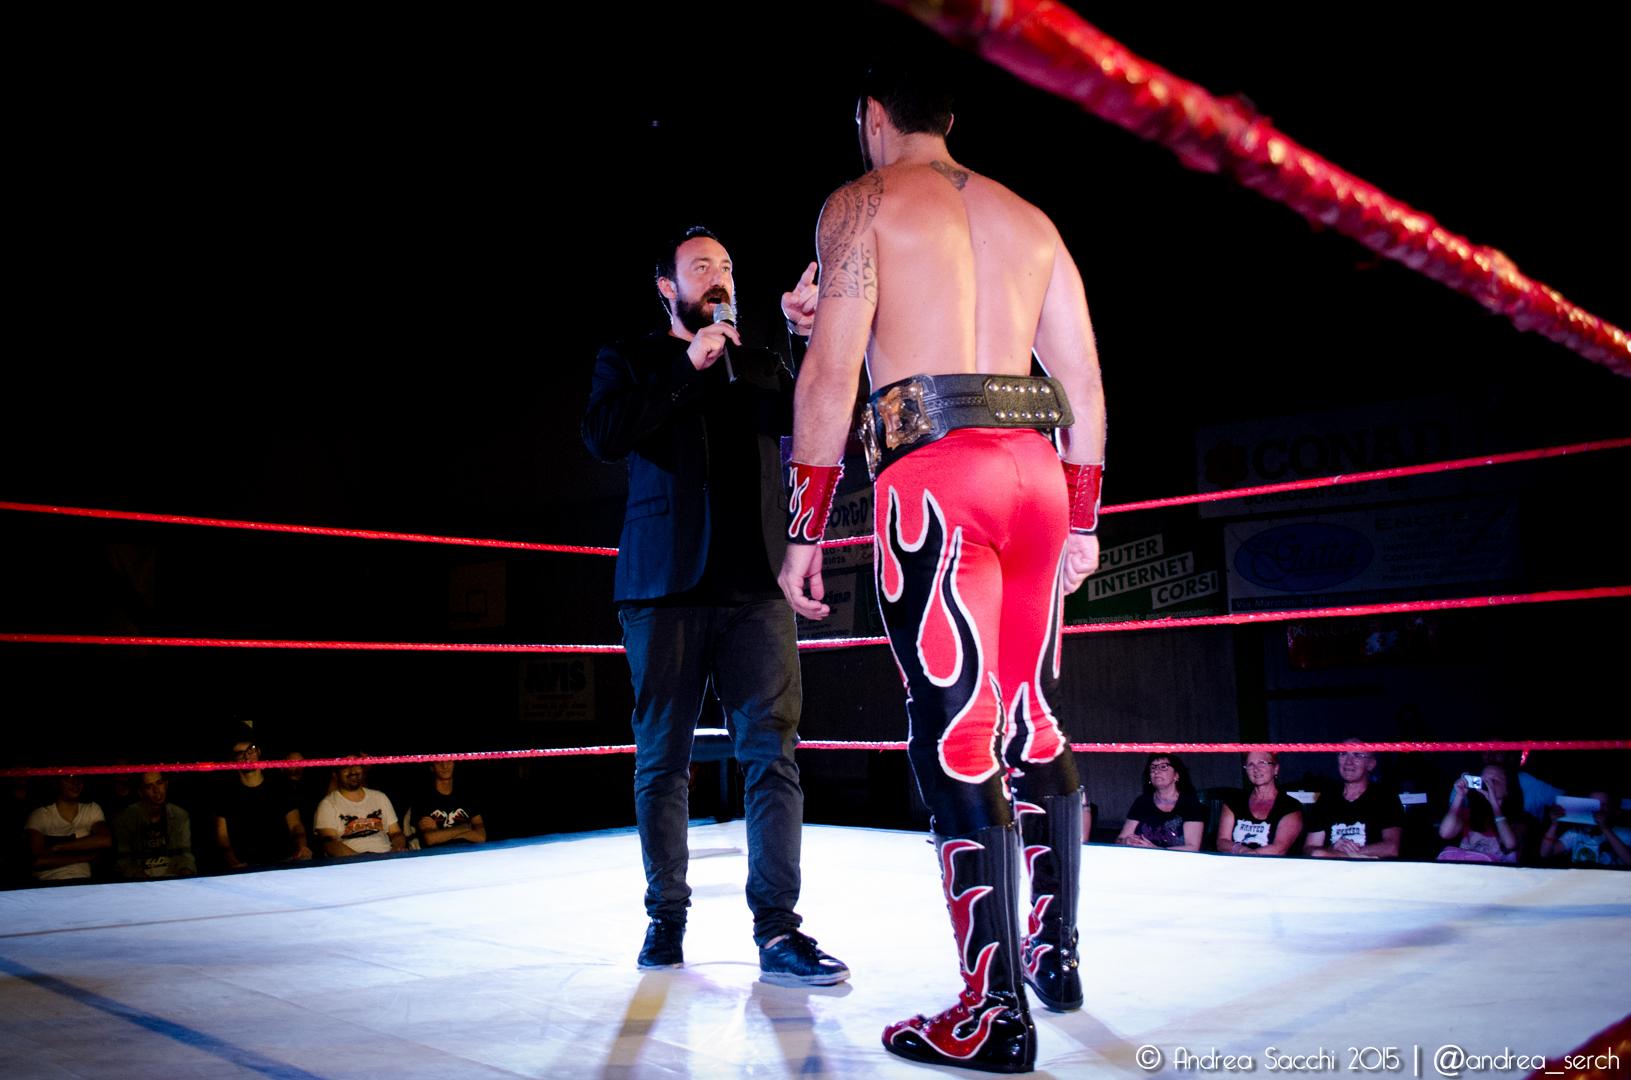 Il Direttore Generale Kobra ha promesso a Red Devil che farà quanto in suo potere per fargli perdere la cintura e per questo Sabato ha deciso di opporgli Lupo